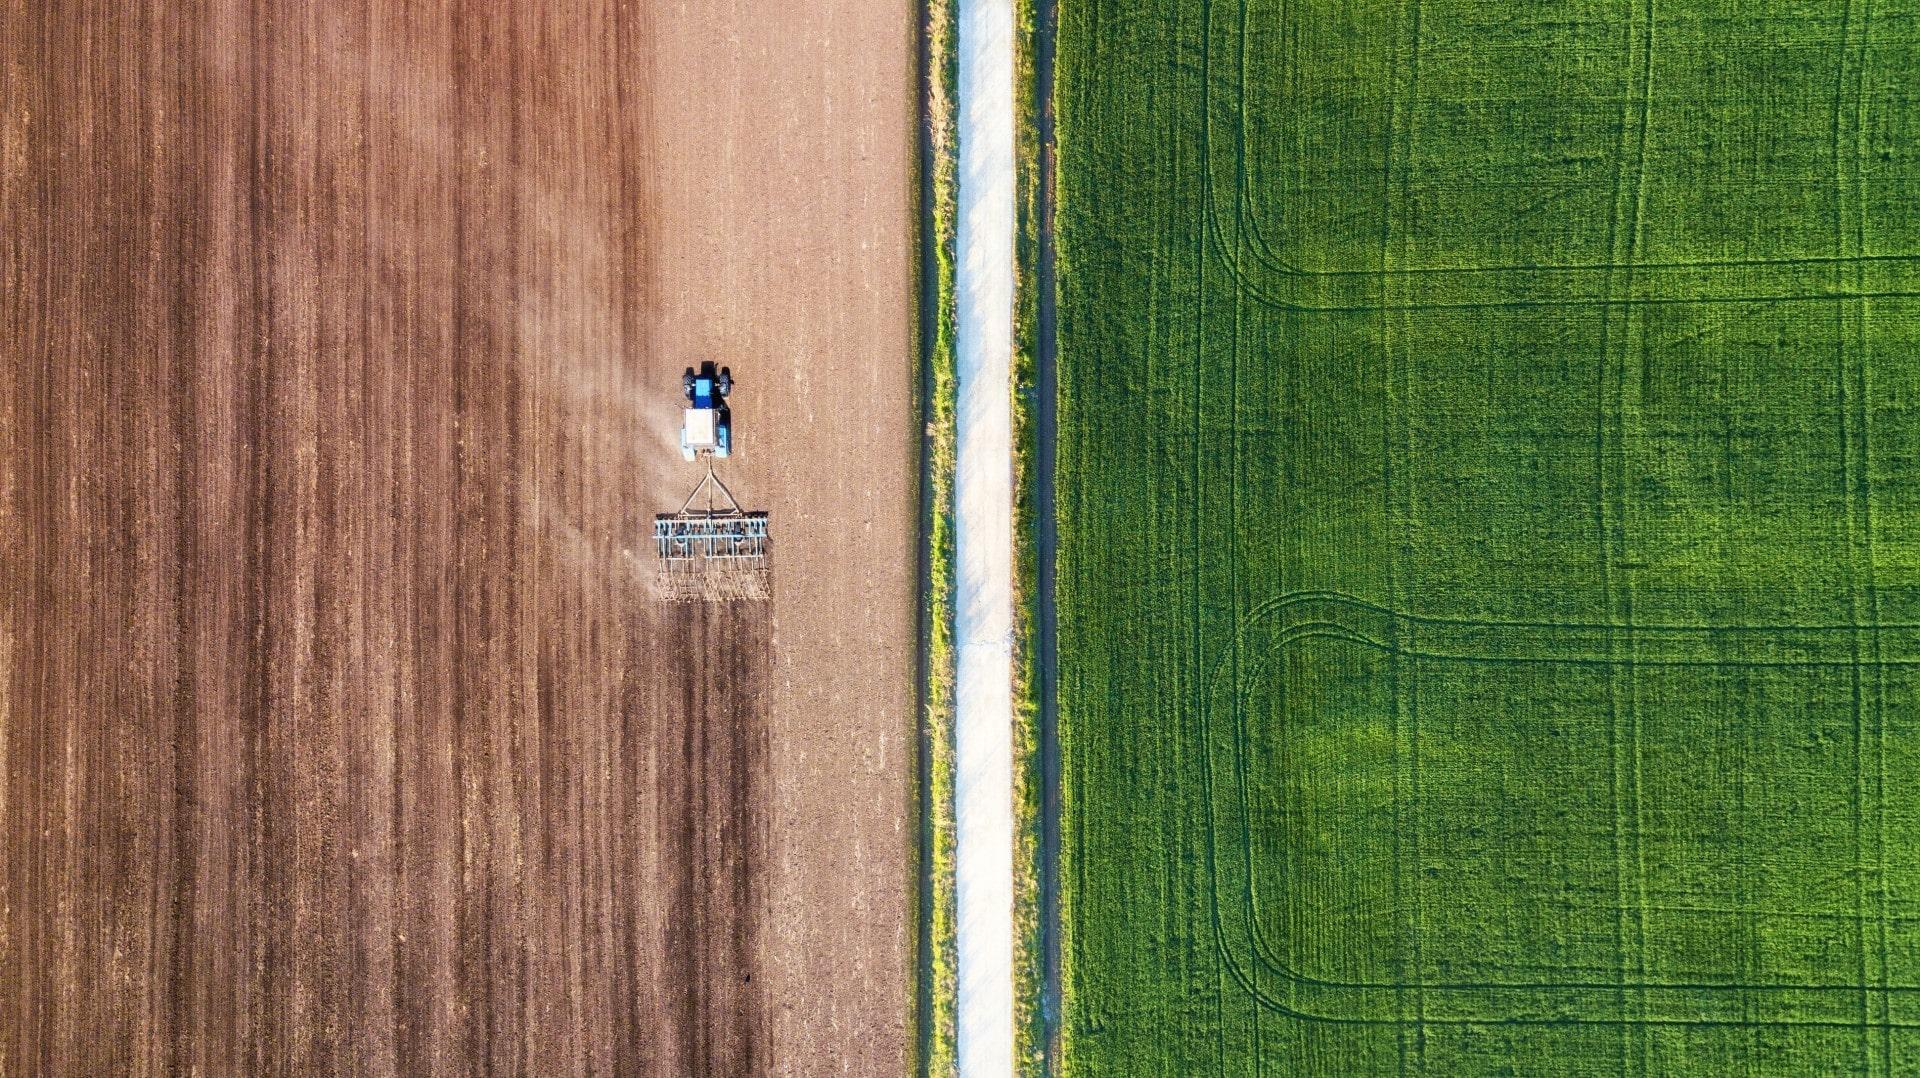 Luftbild von einem Feld, Mähdrescher auf dem Feld.